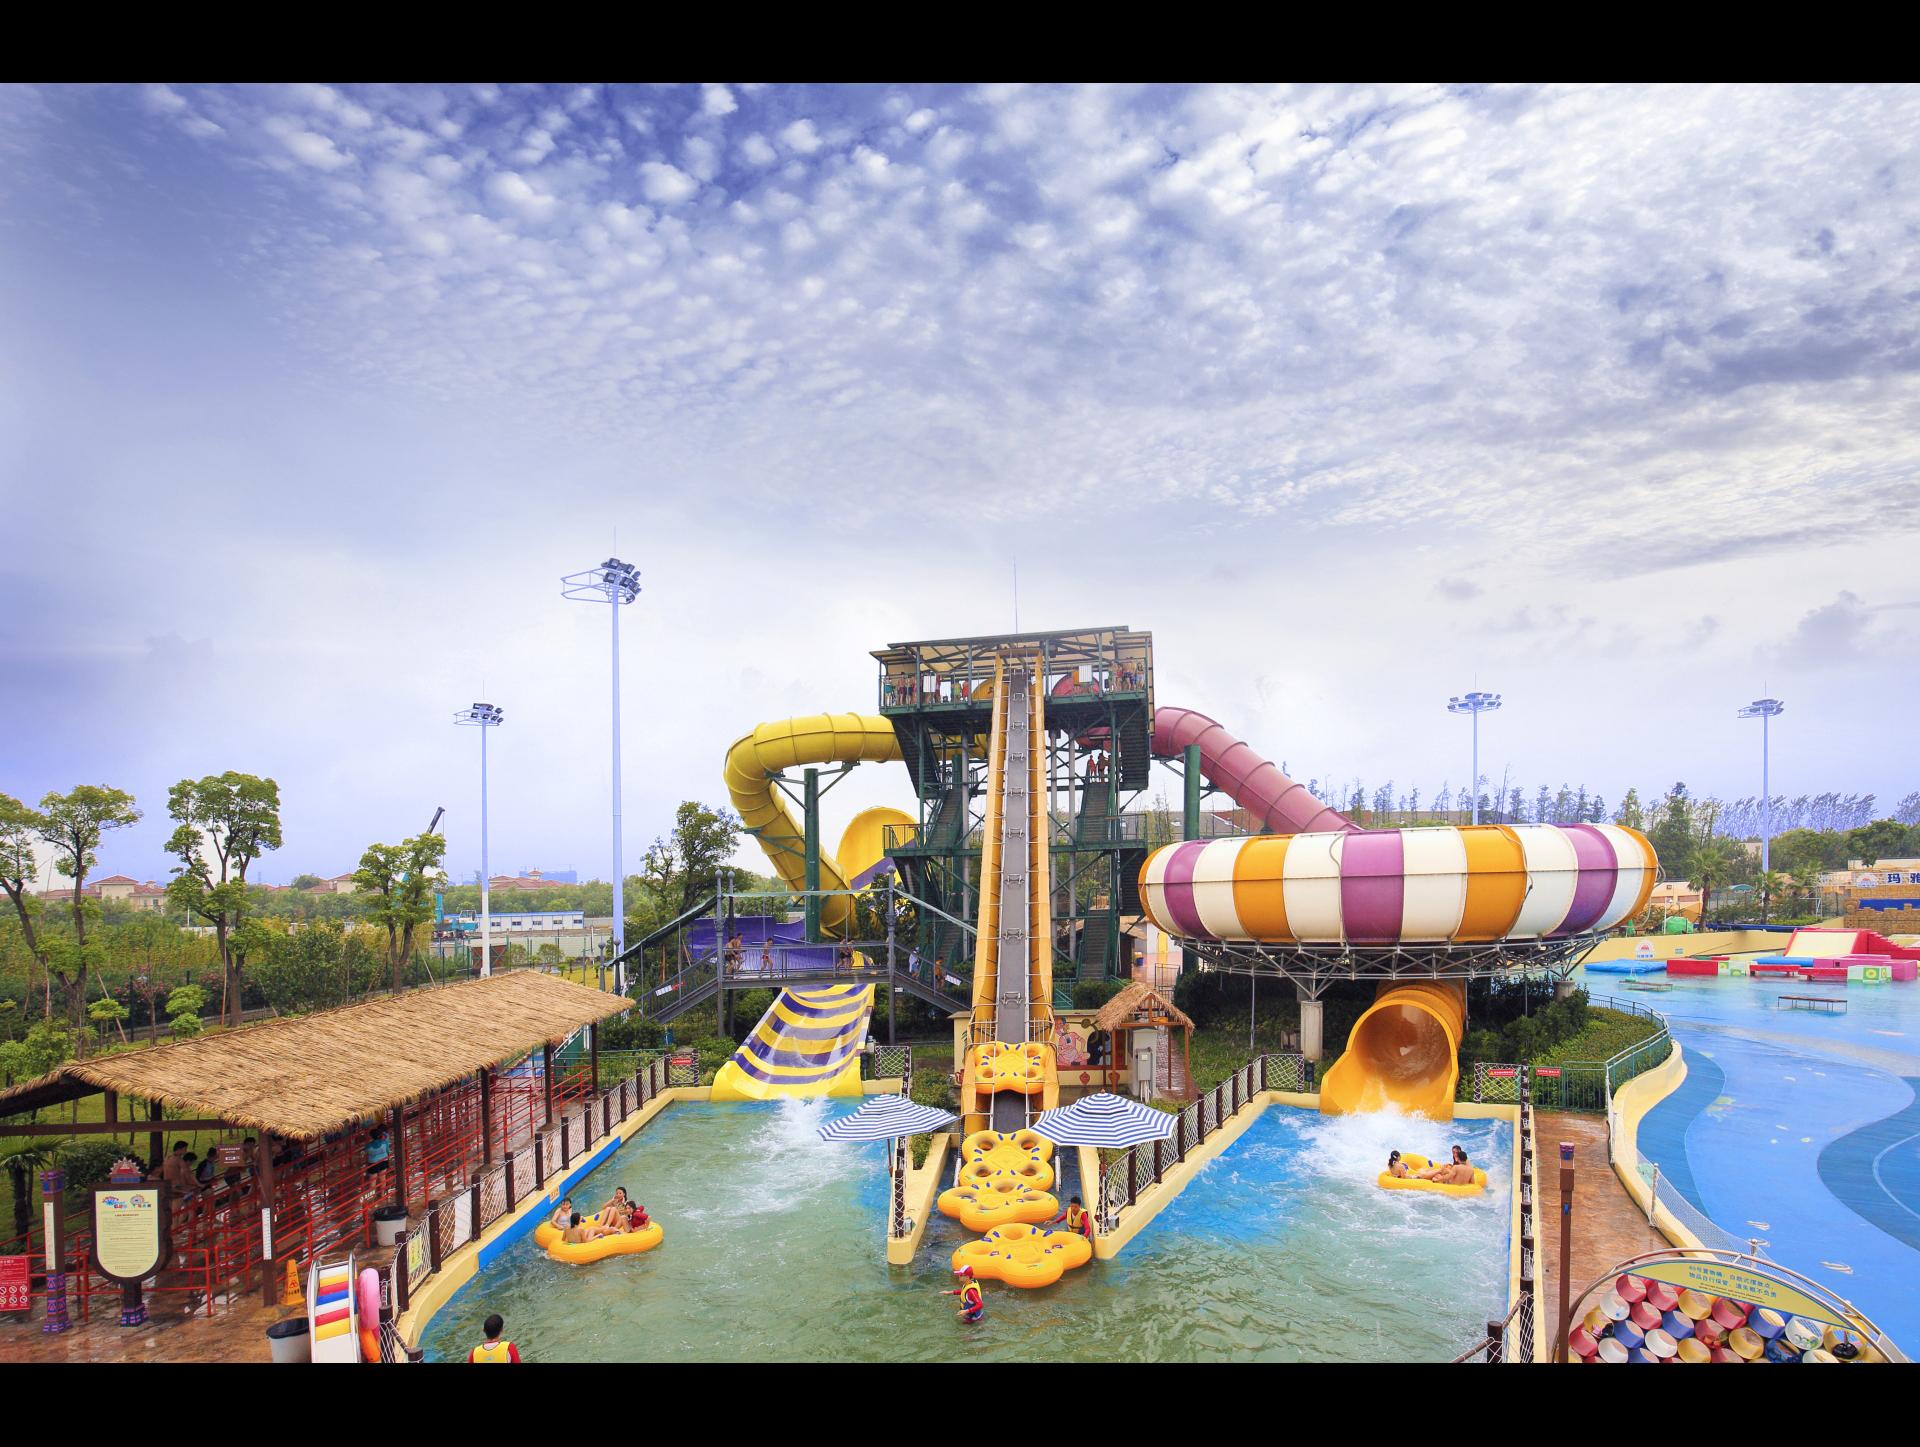 上海玛雅水上乐园游玩攻略 高清图片